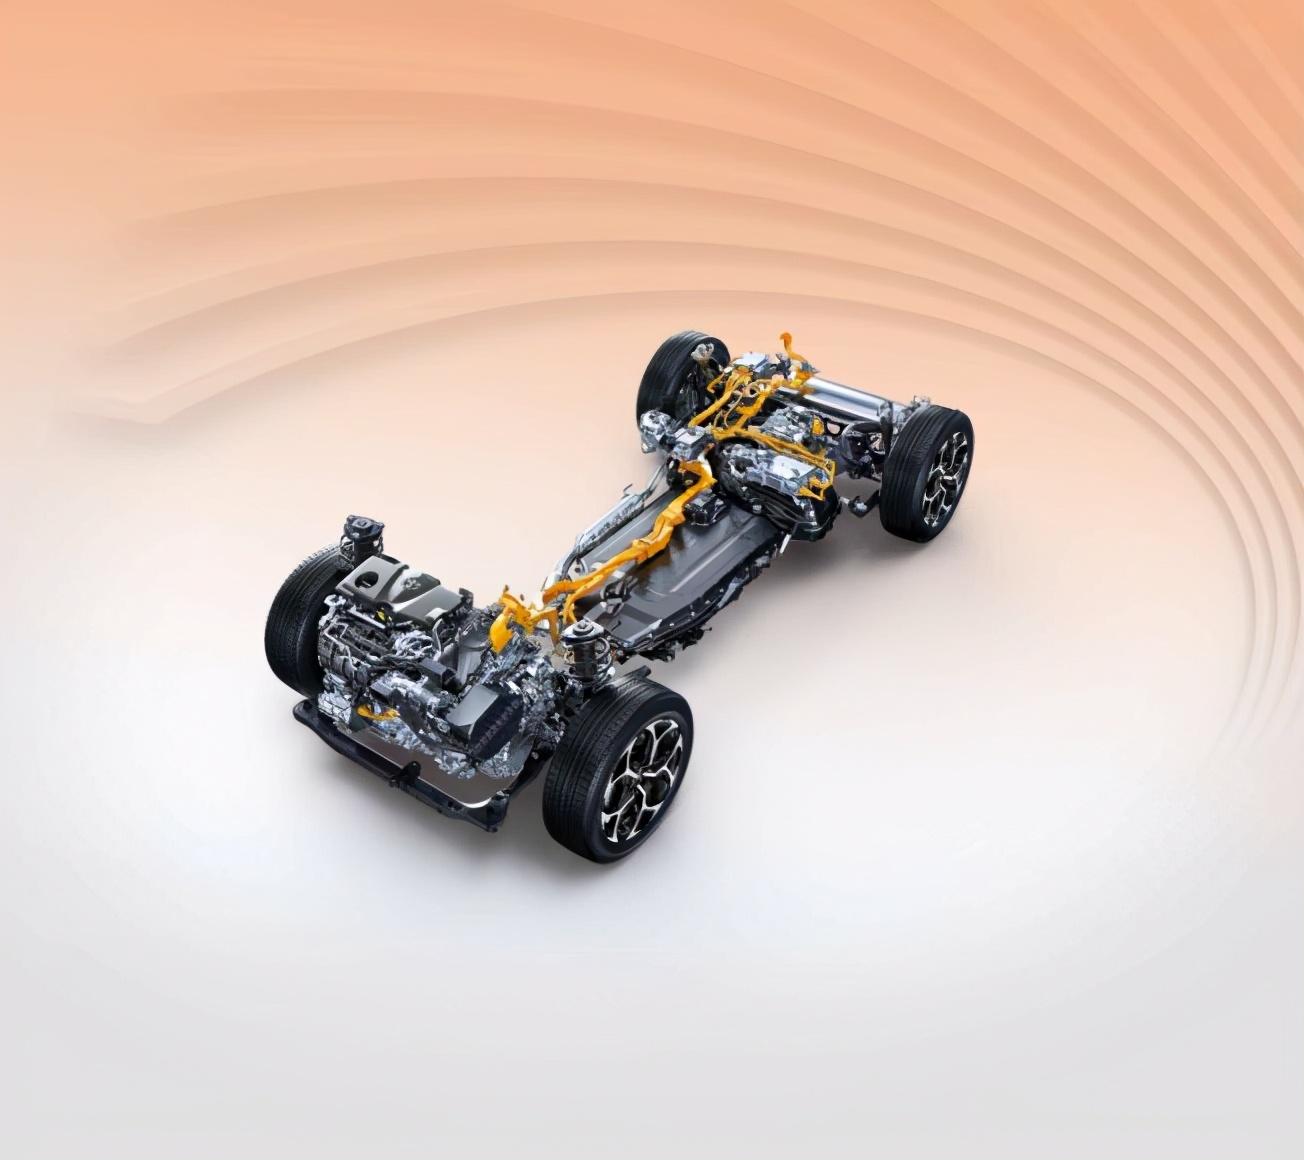 一车双用,畅享惊奇 广汽丰田威兰达高性能版25.88万元起售